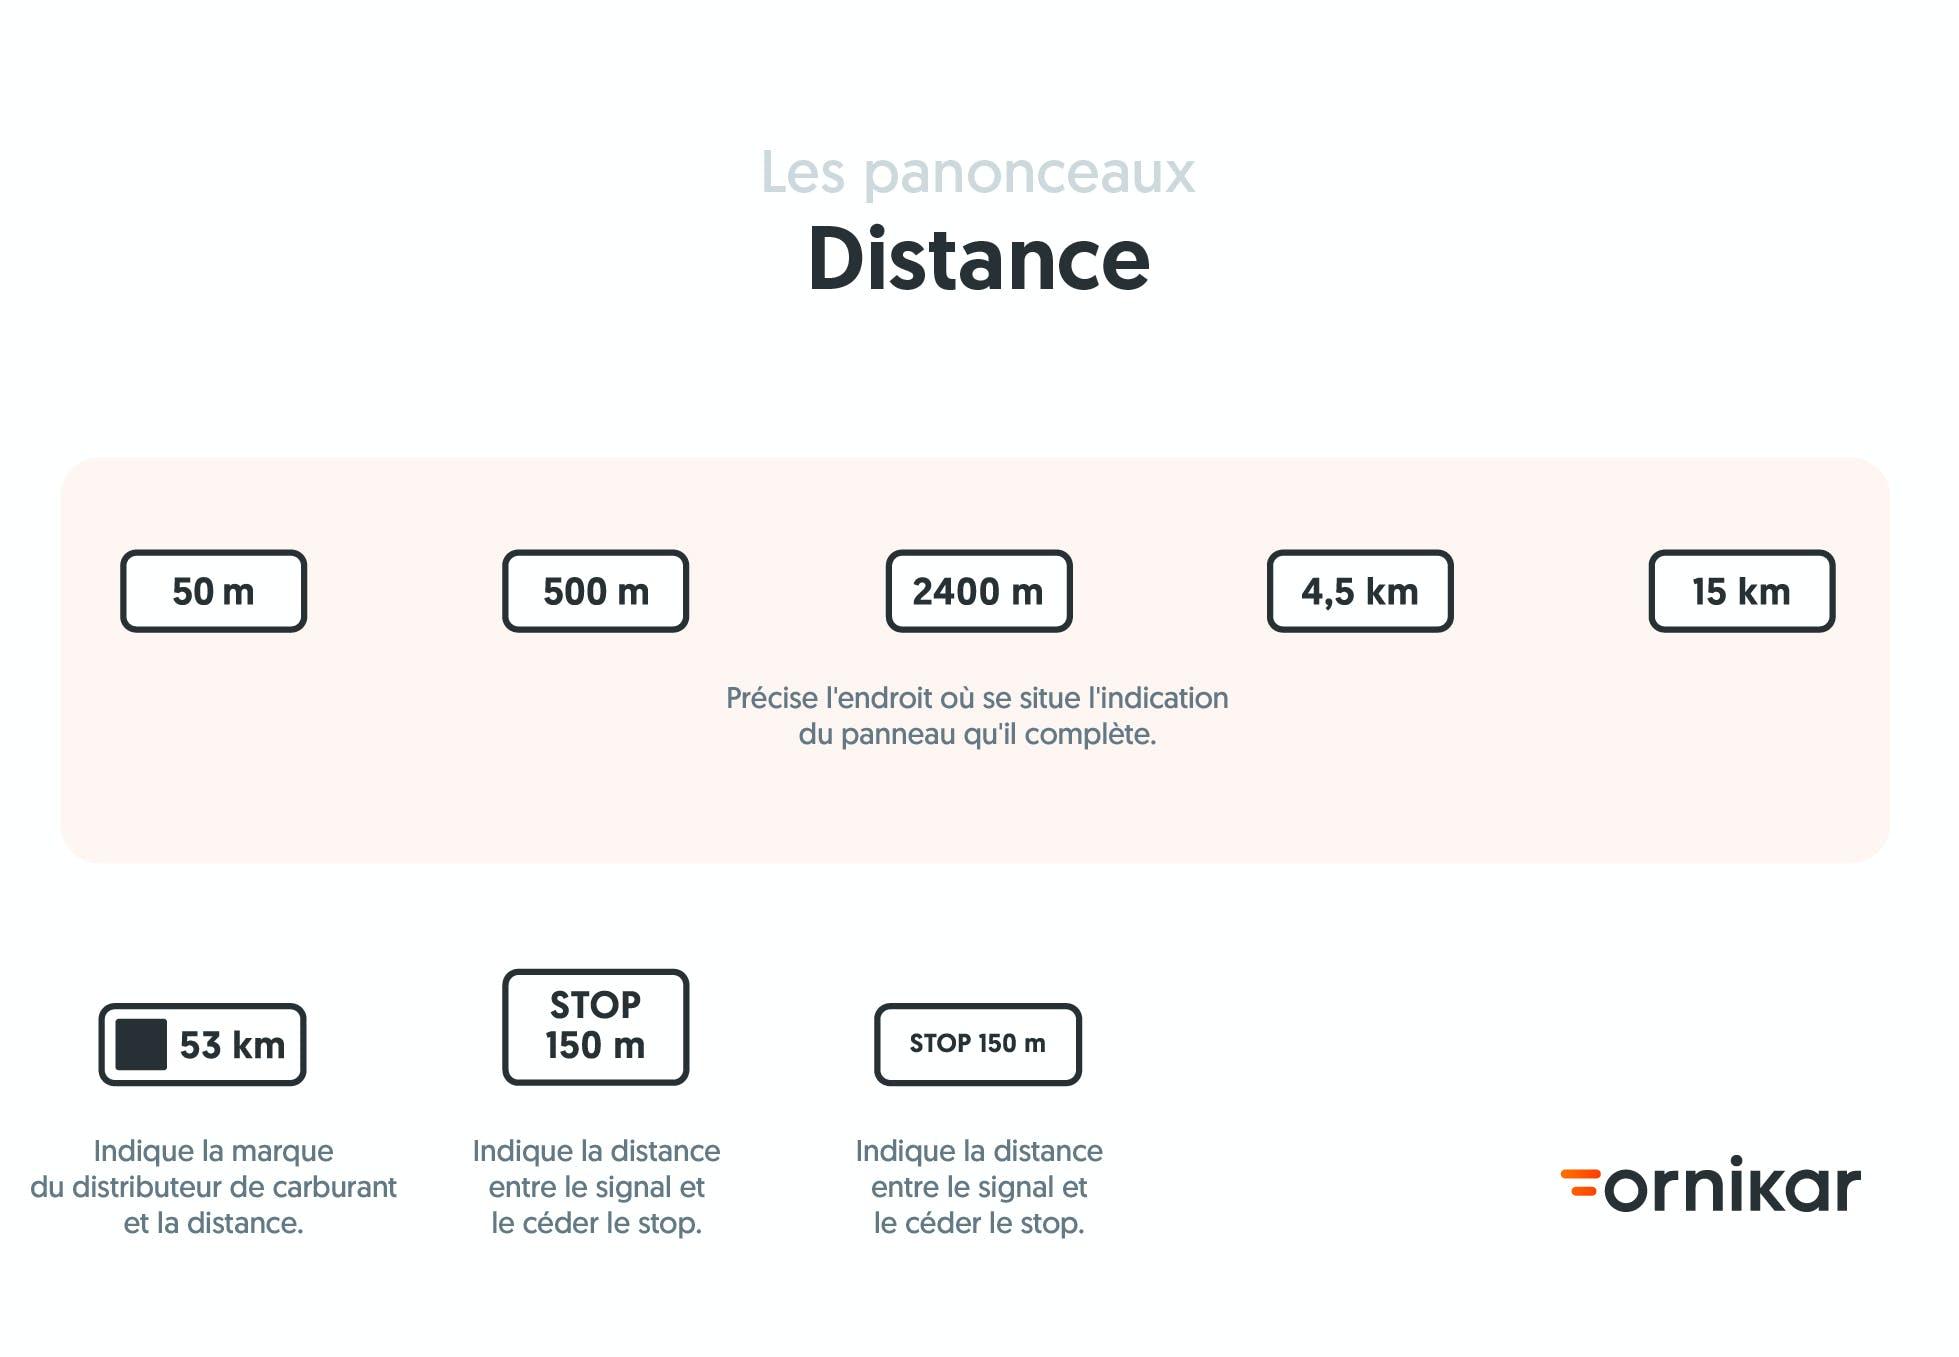 Les differents panonceaux de distance